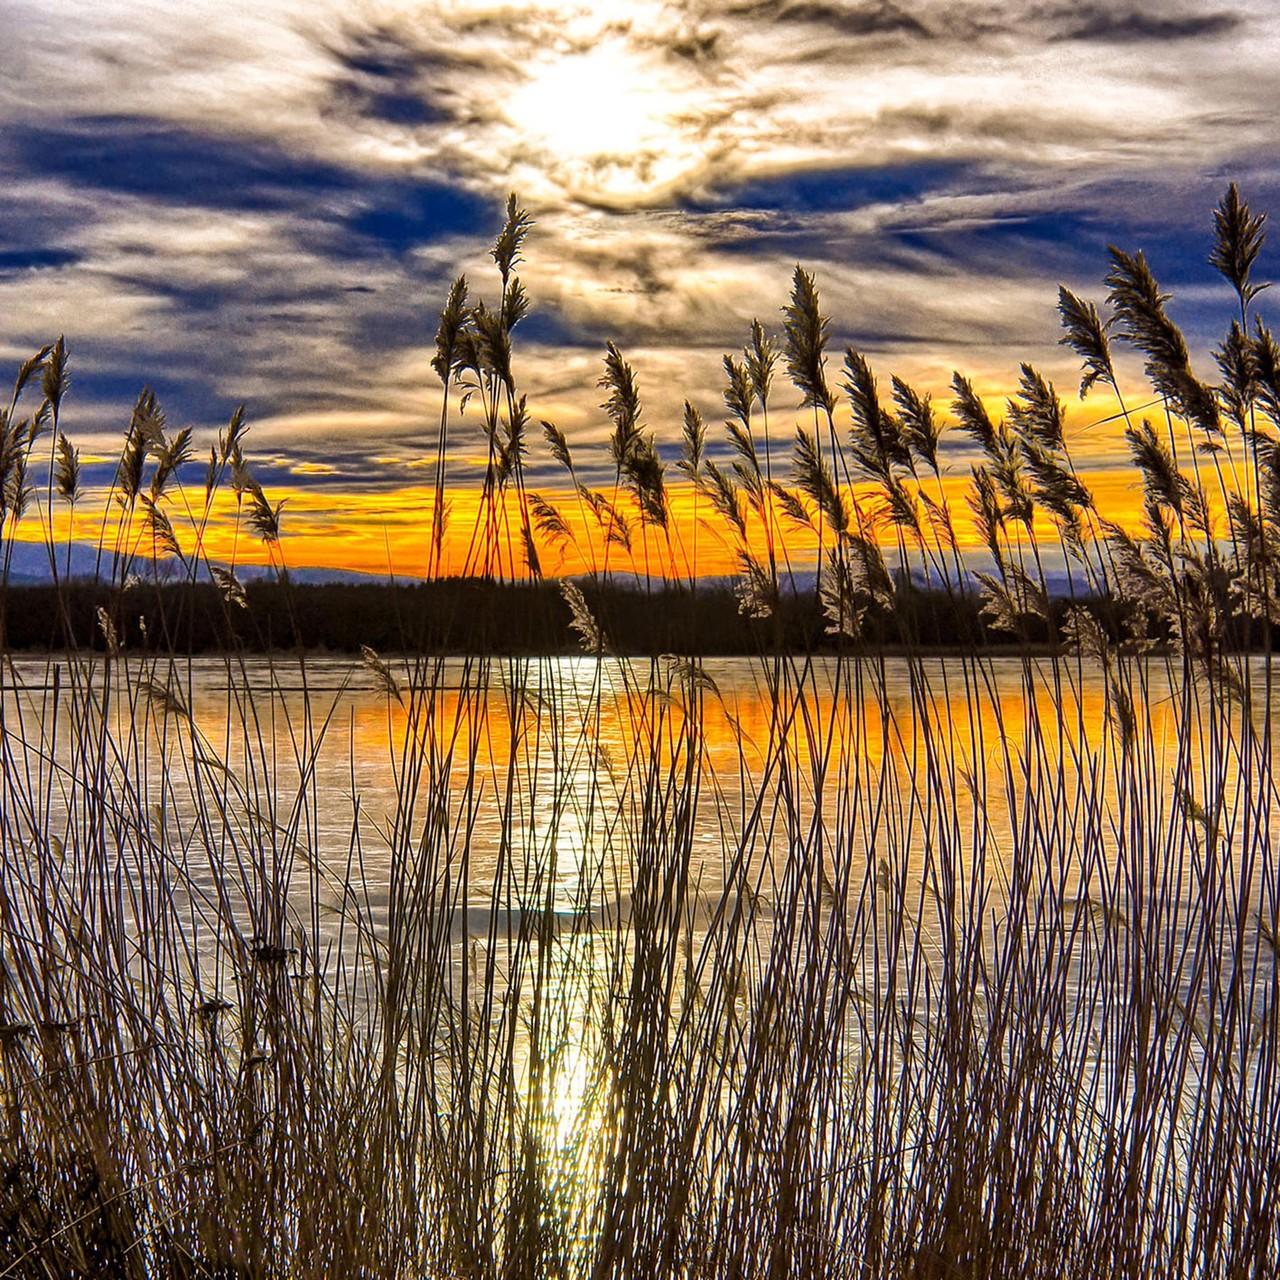 Sonnenuntergang, Teichwanderweg Waldreichs, NÖ